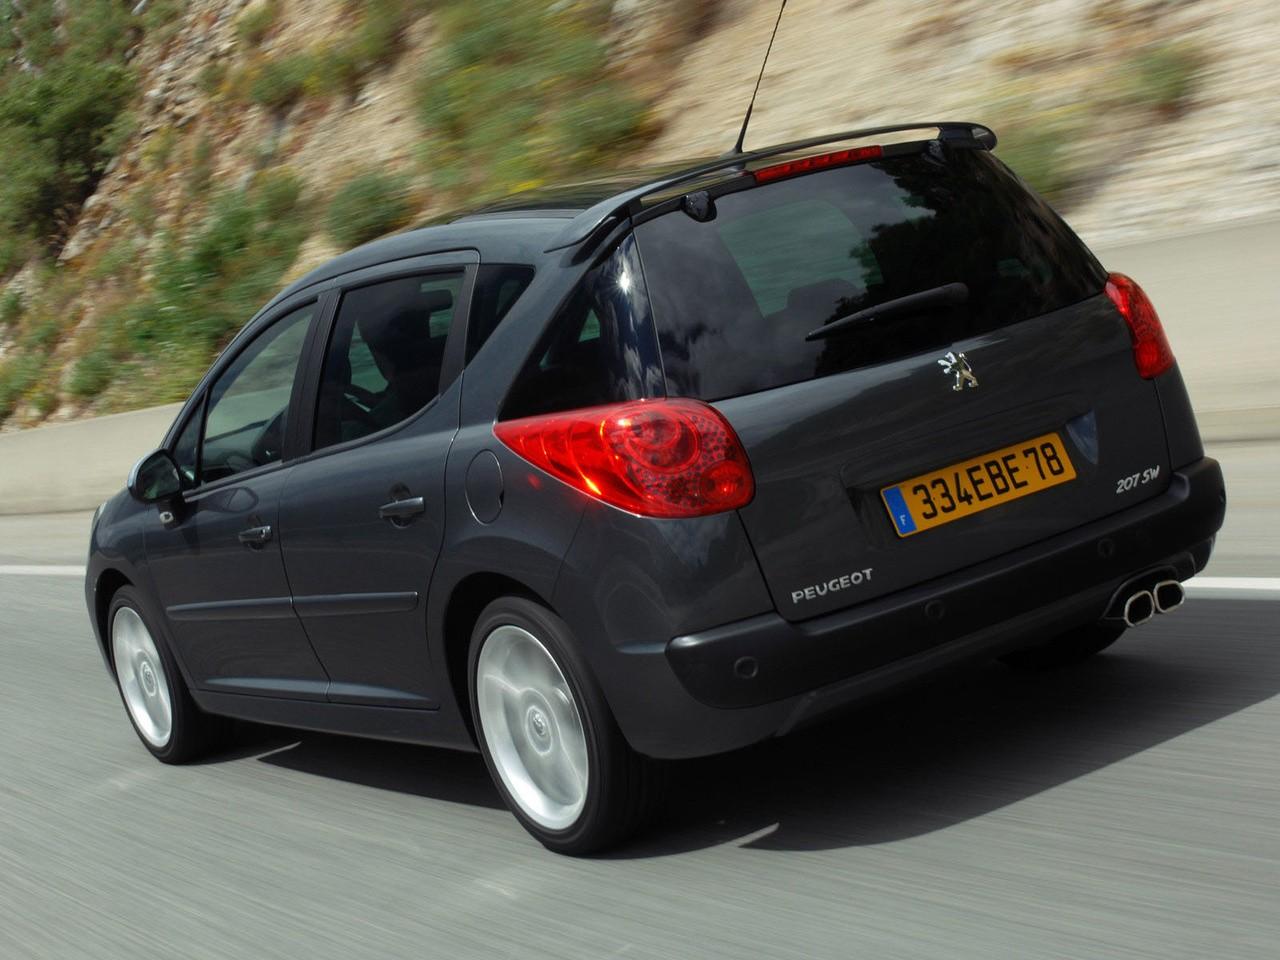 2010 Peugeot 207 SW photo - 3